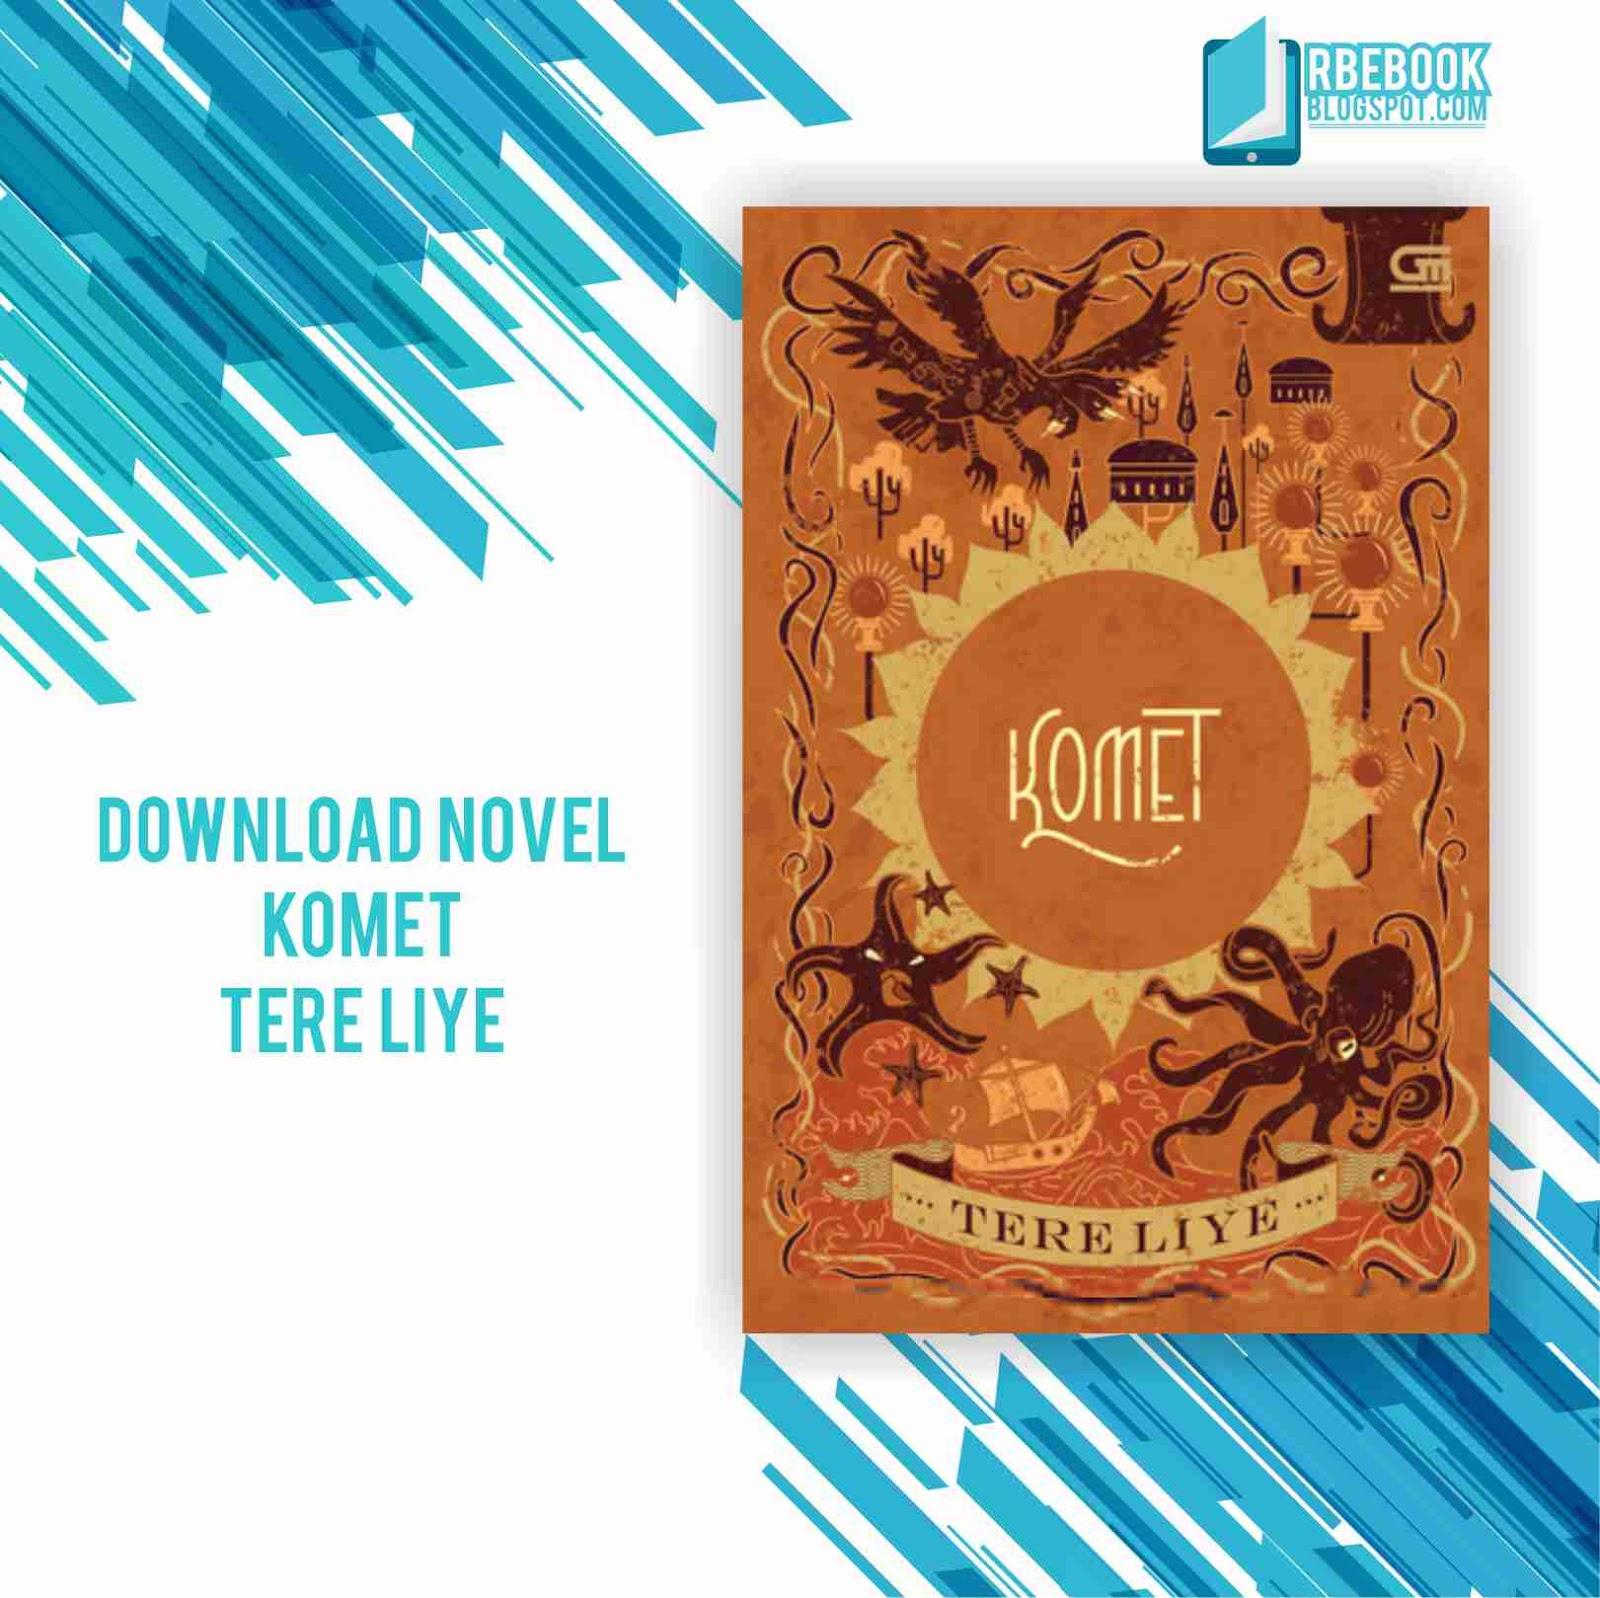 download novel tere liye komet